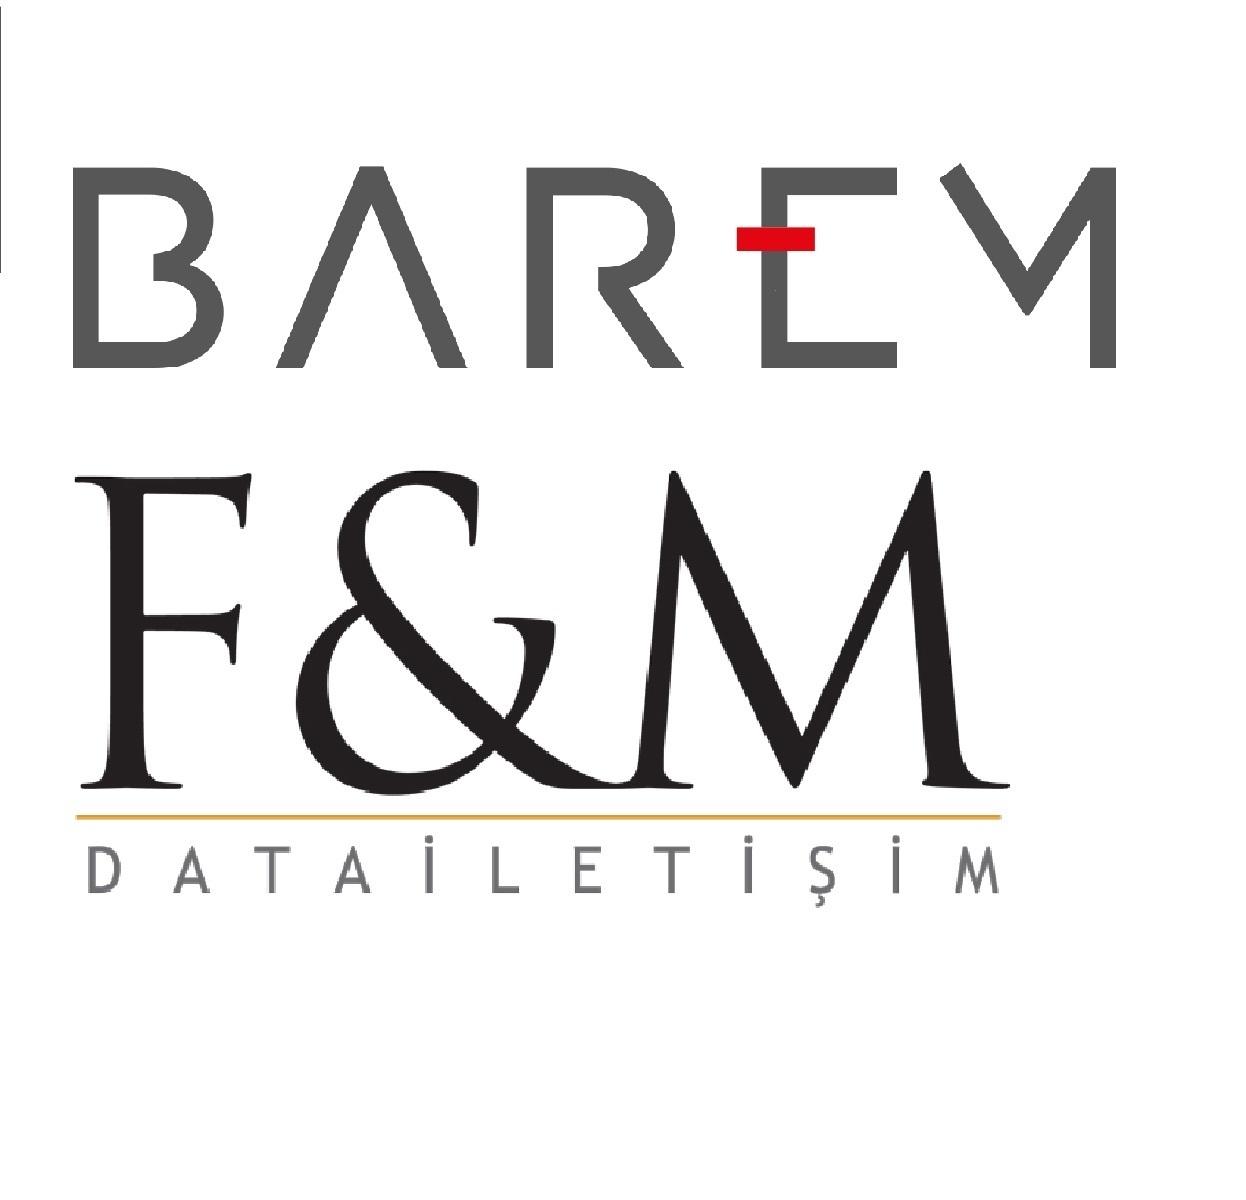 BAREM, iletişim ajansını seçti